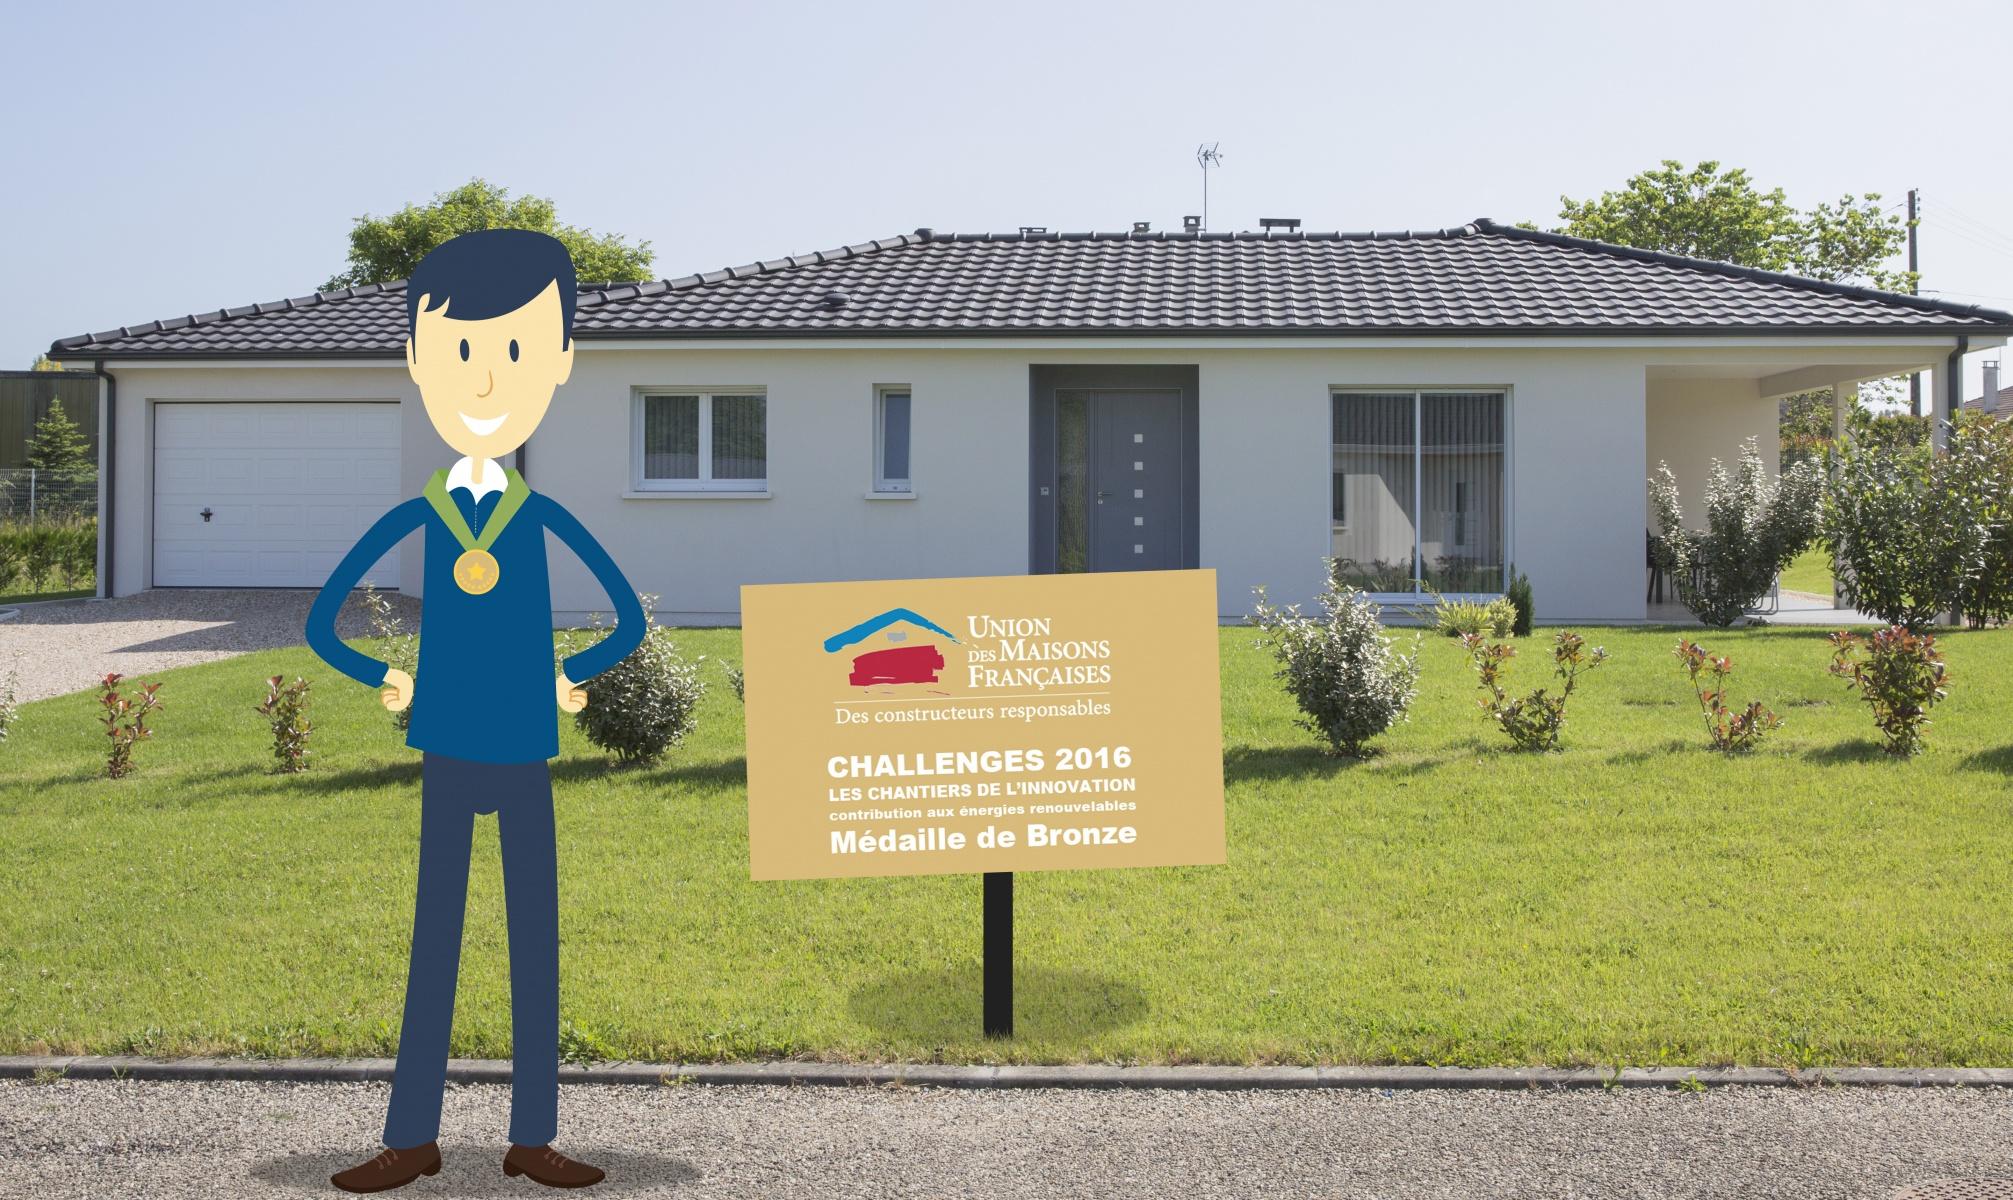 Maisons Aura, médaille de bronze au challenge de l'Union des Maisons Françaises 2016